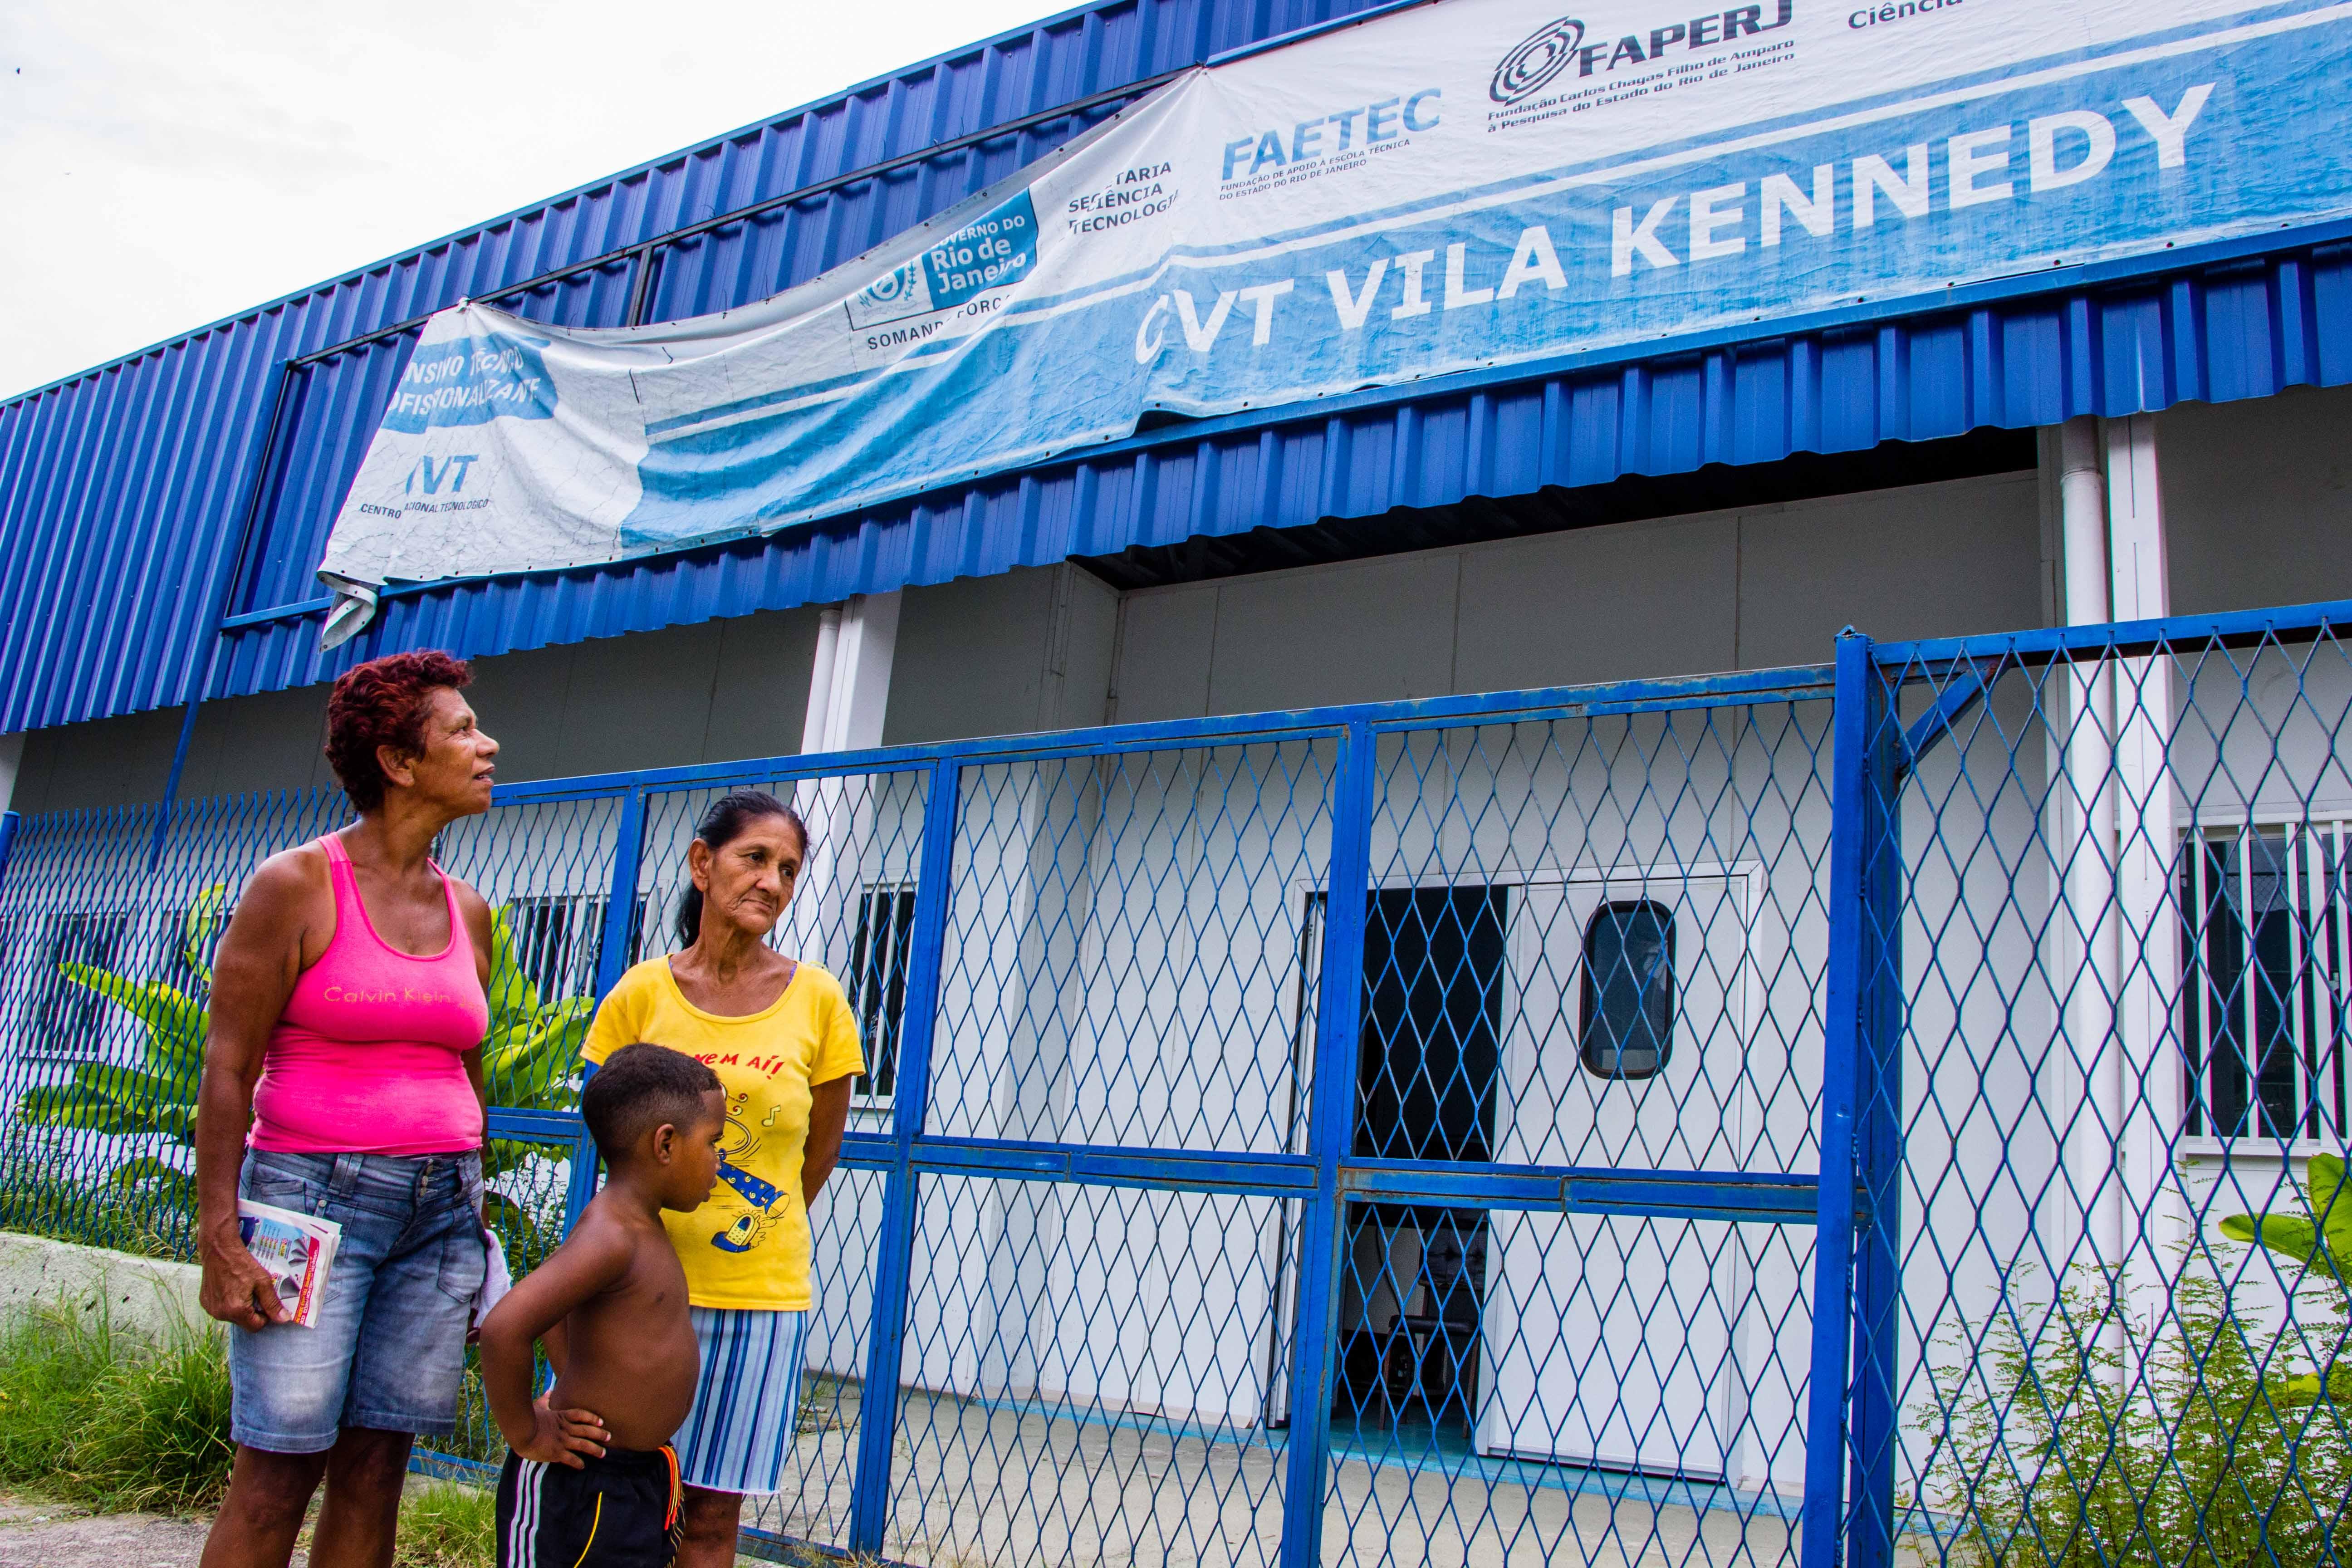 Escola técnica continua com as portas fechadas na Vila Kennedy